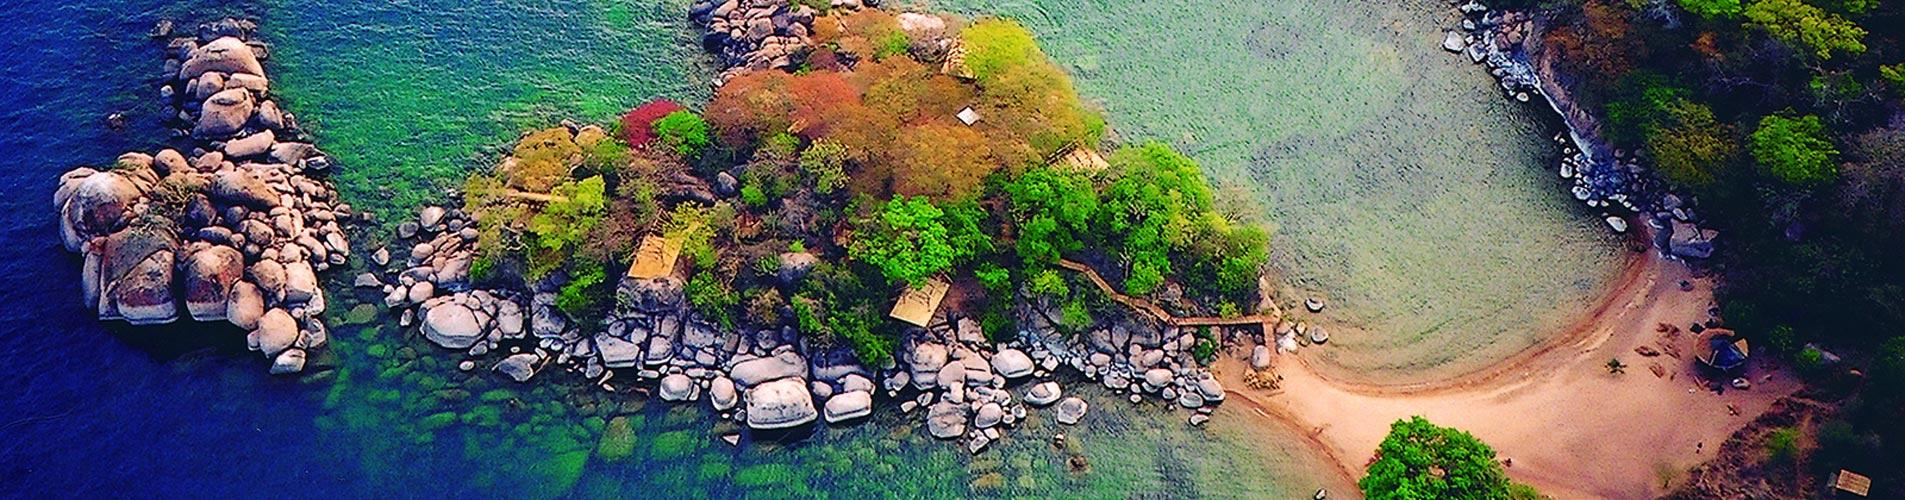 Malawi Safaris Mumbo Island